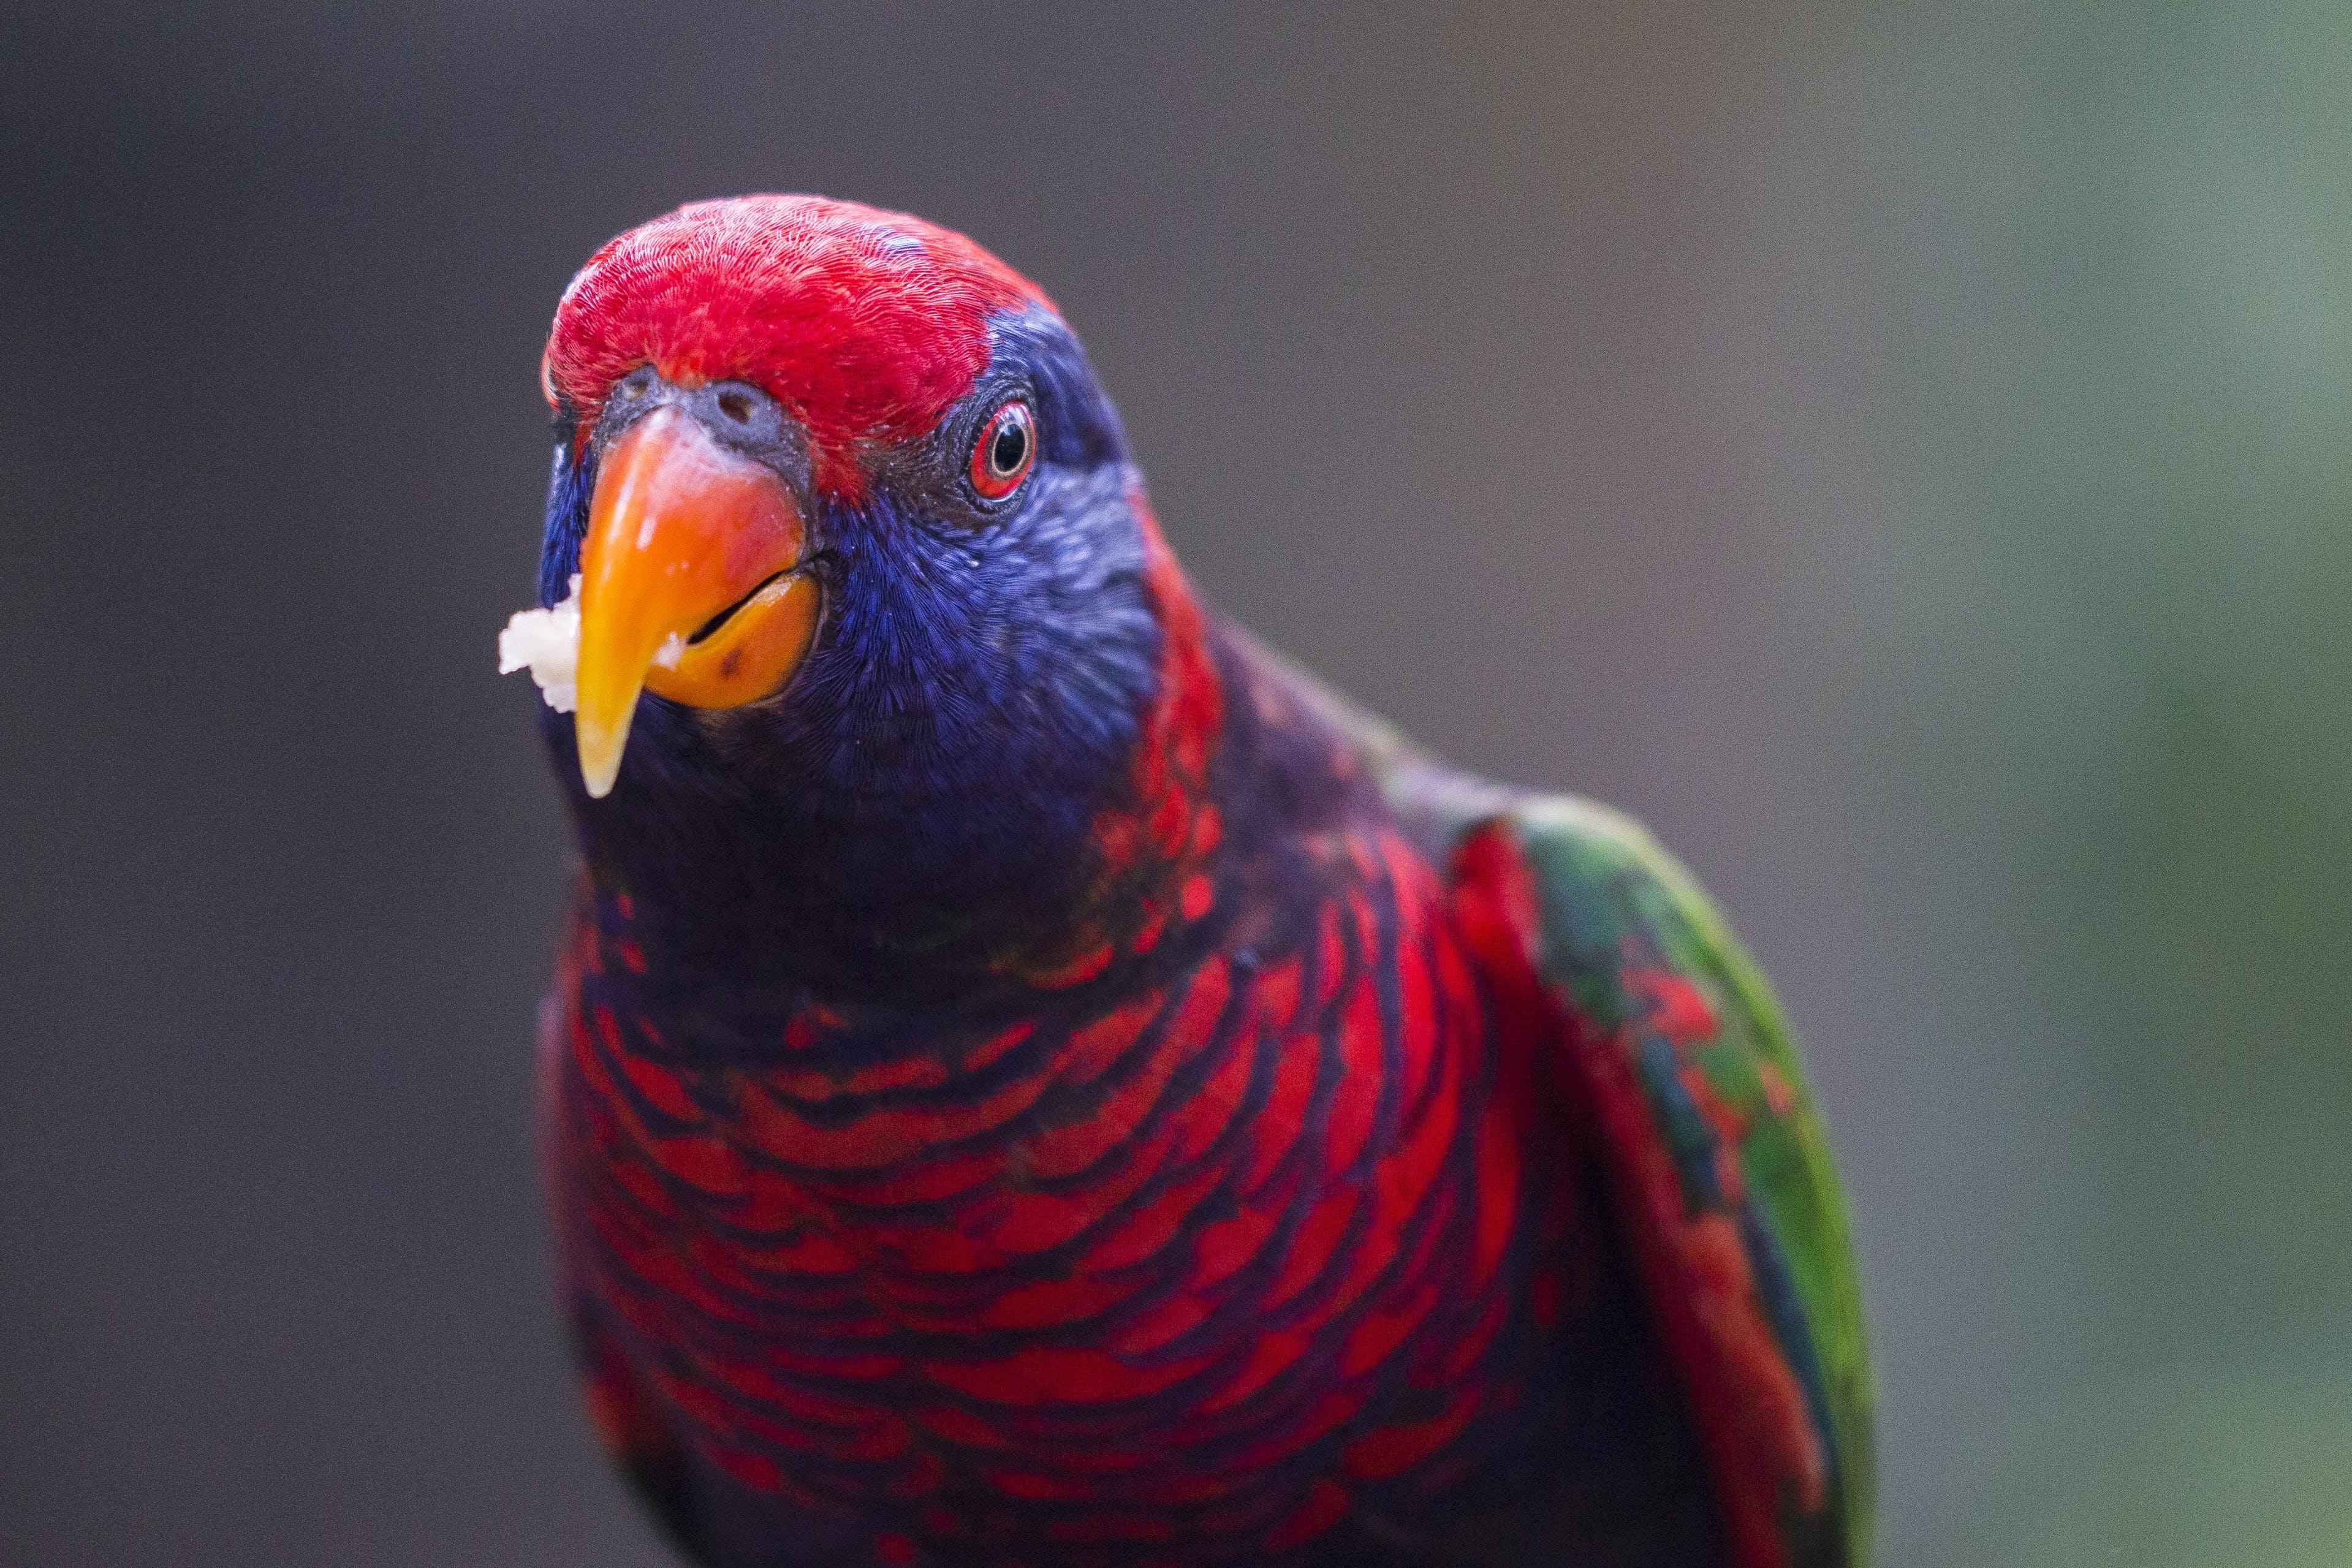 깃털, 날개, 눈, 다채로운의 무료 스톡 사진